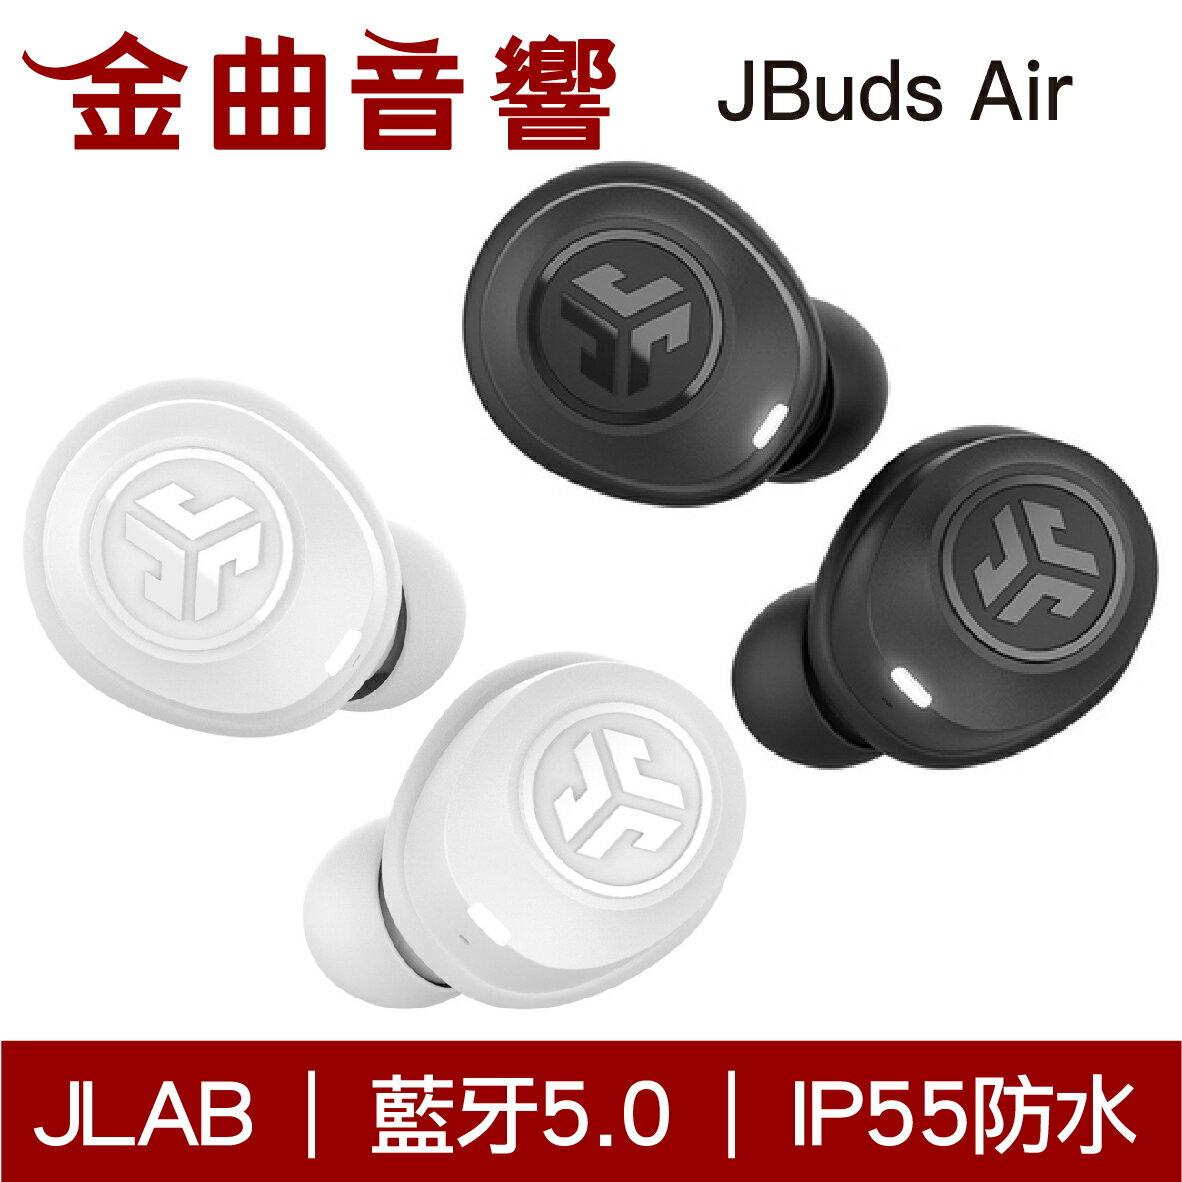 JLab JBuds Air 白 IP55 高防水 真無線 藍芽耳機   金曲音響